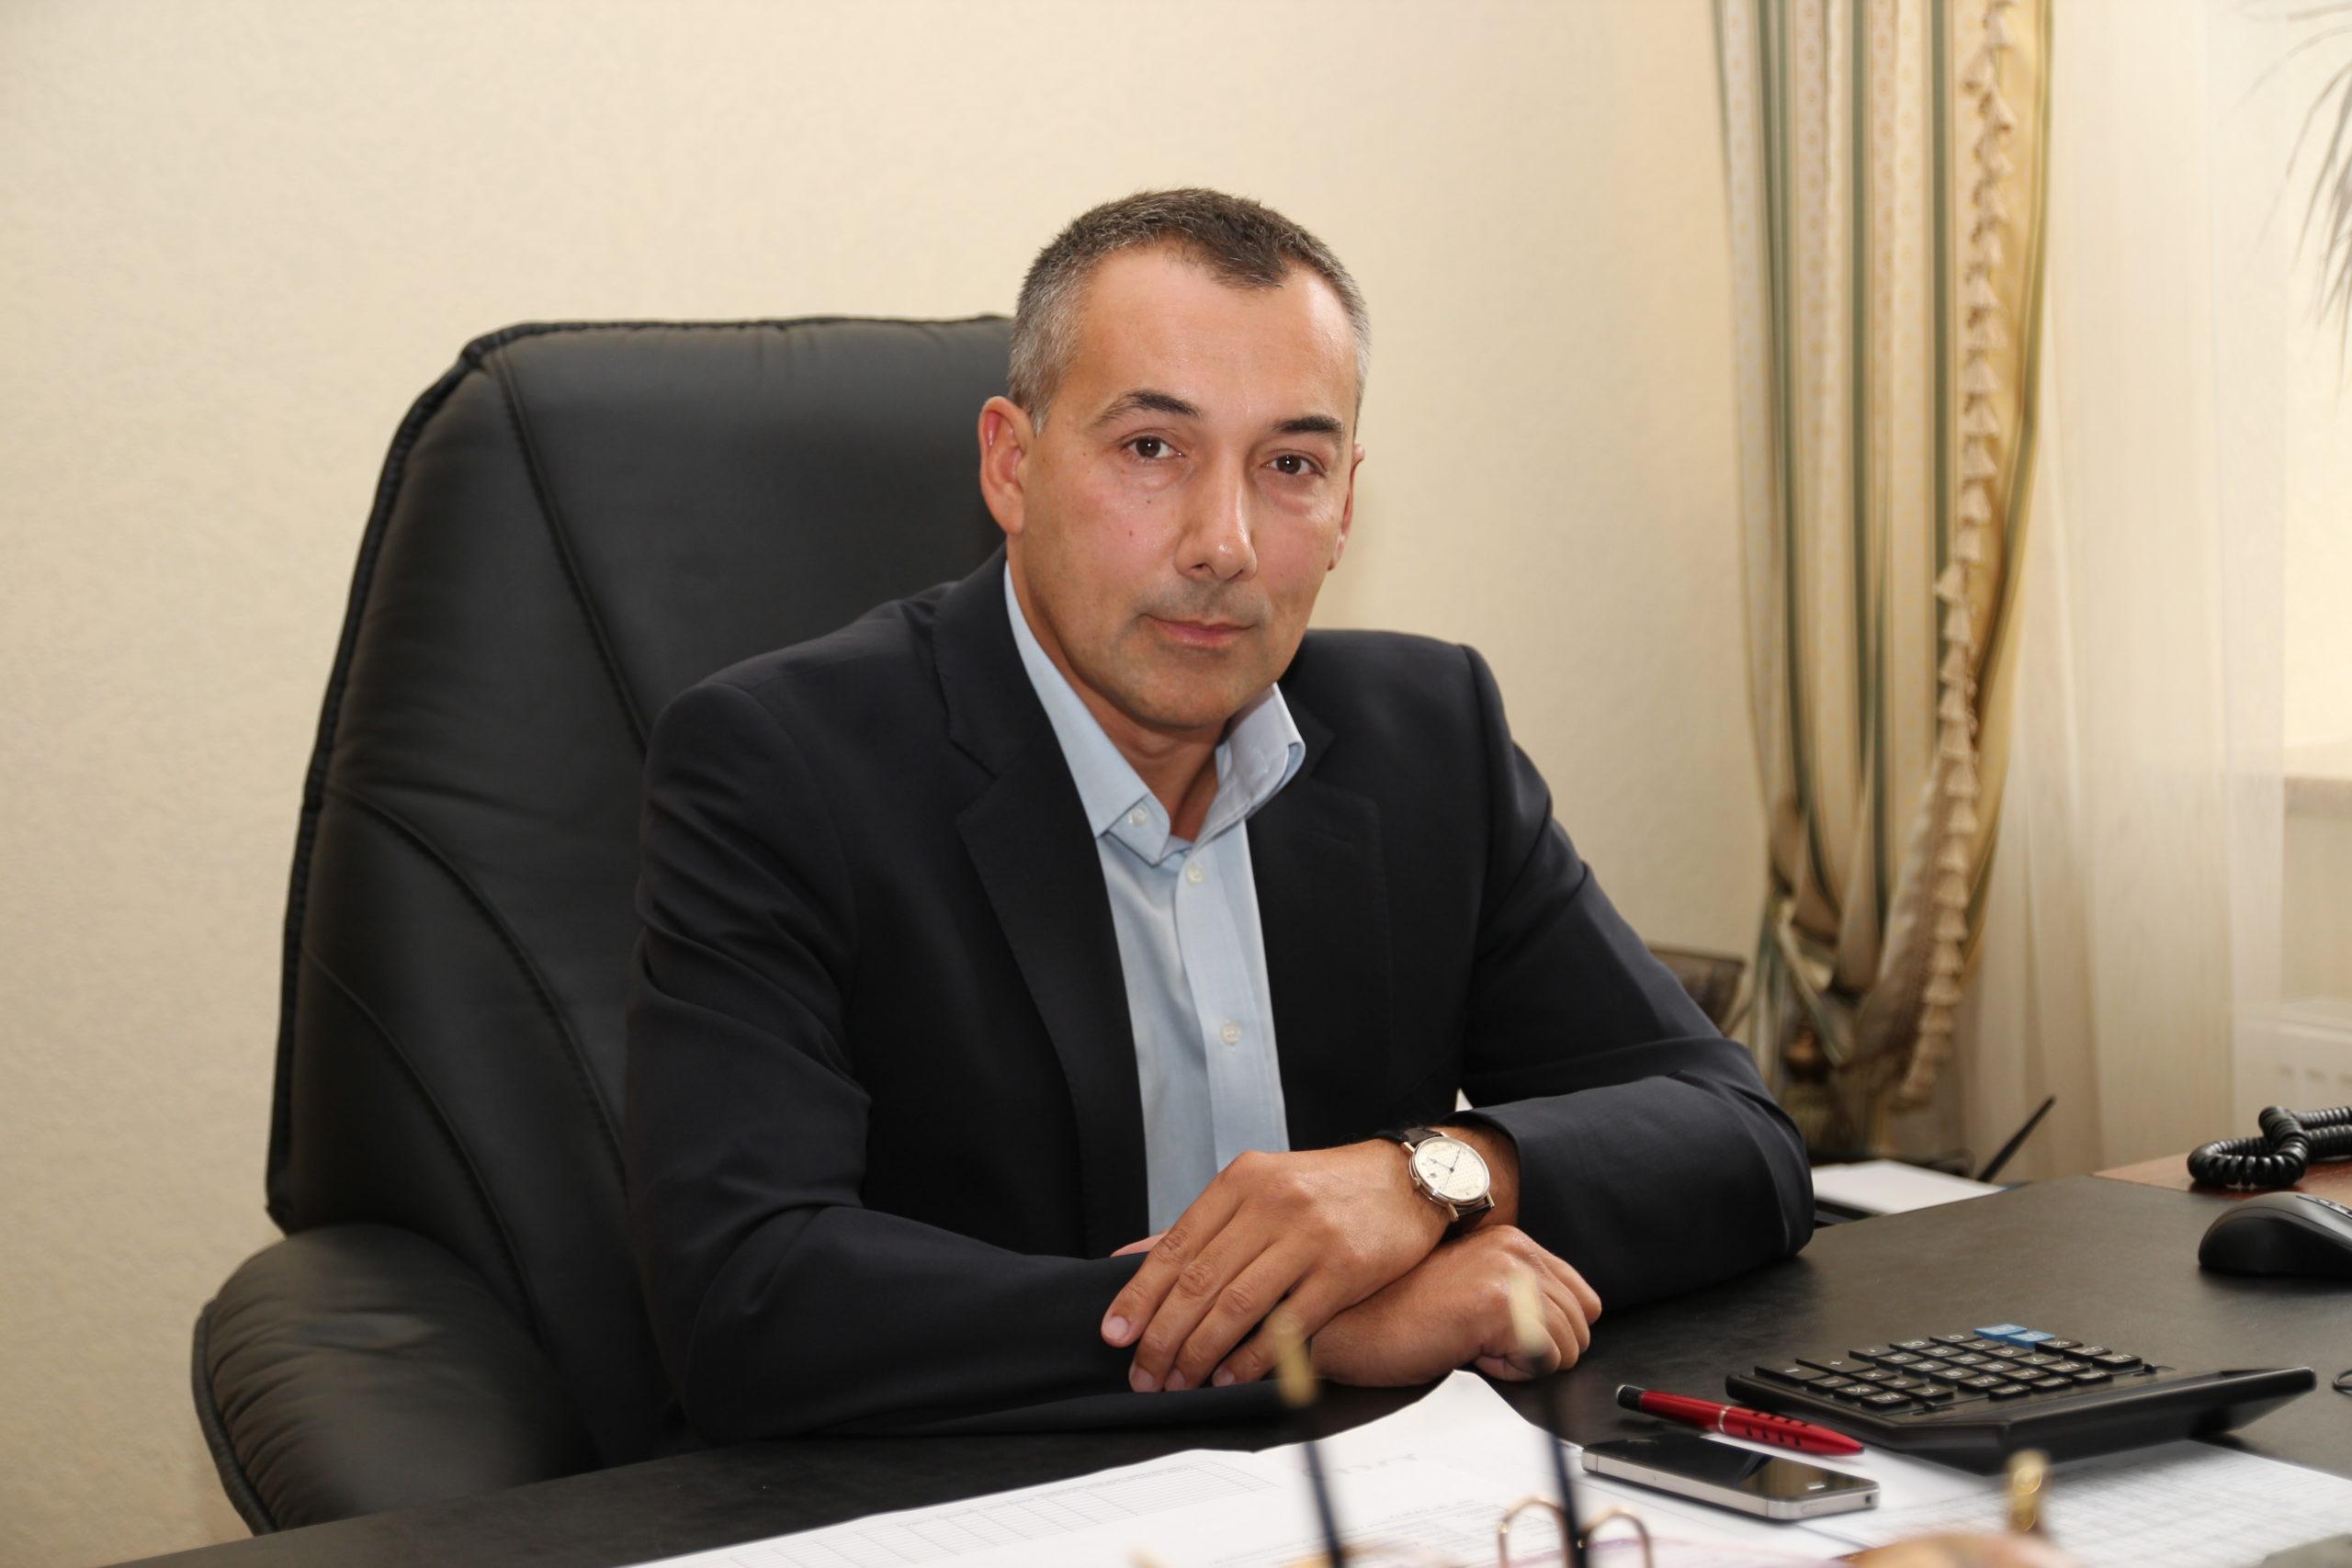 Владимир Барцьось, учредитель Винницкой агропромышленной группы: Хочу, чтобы дети работали в Украине Вариант – капитан агрокомпании